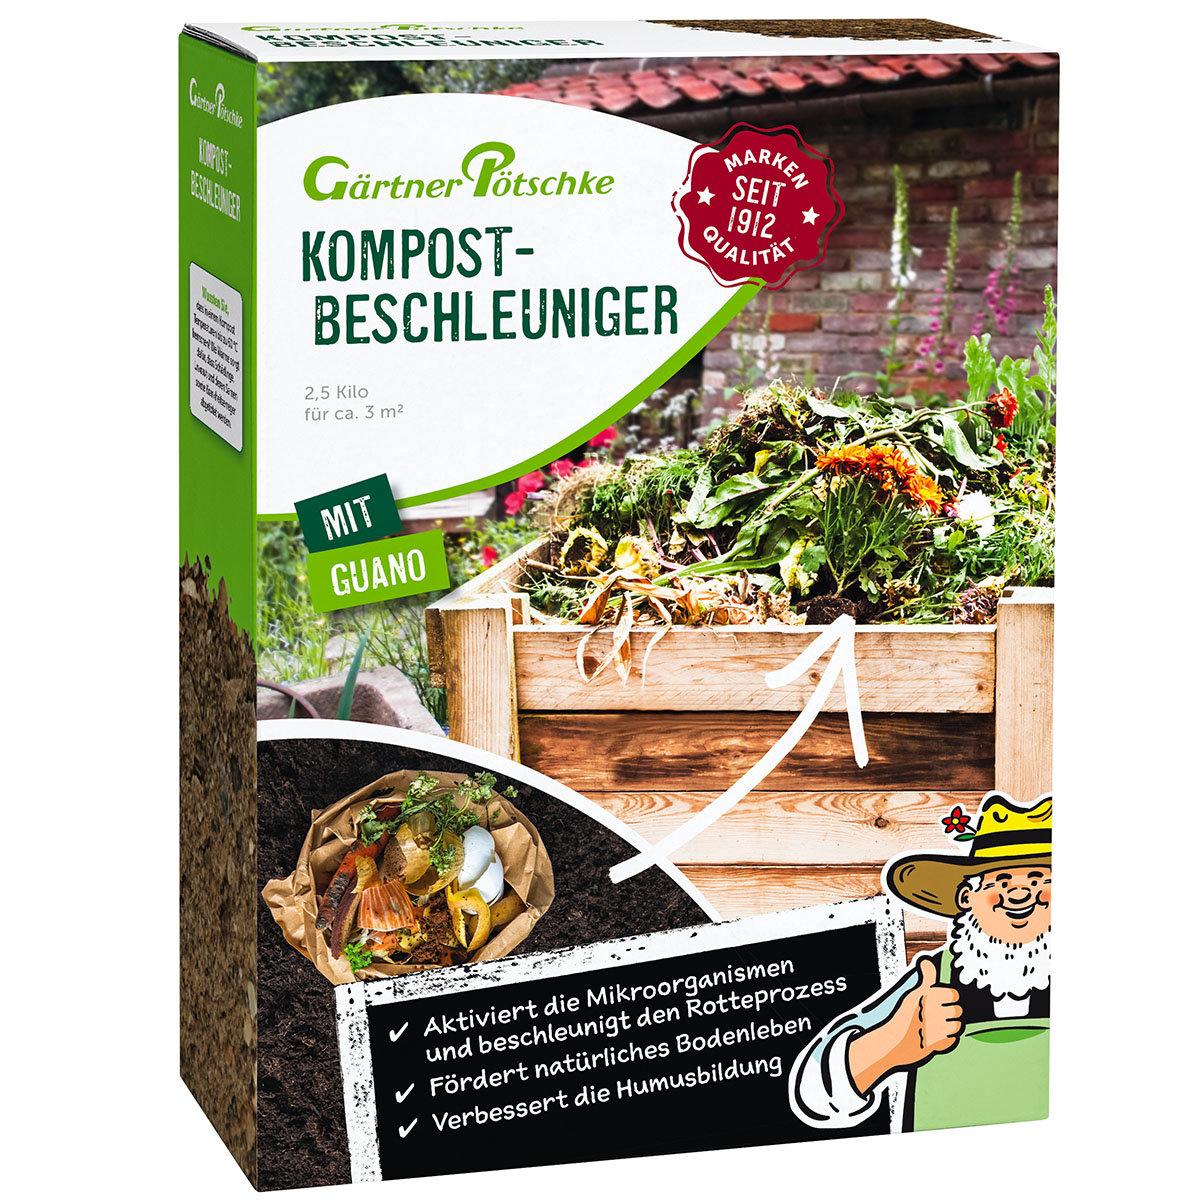 Kompostbeschleuniger, 2,5 kg